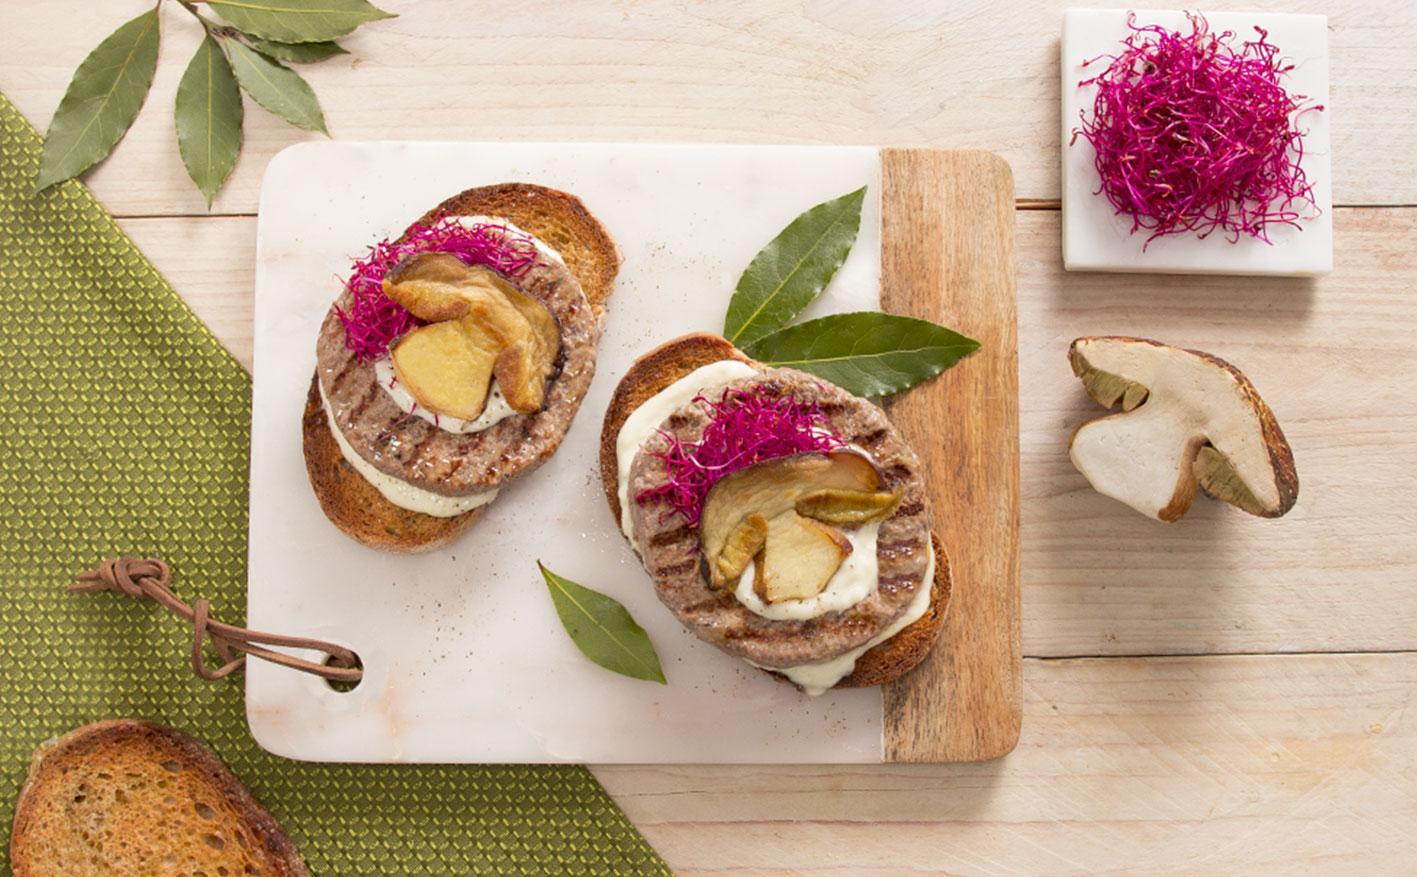 Crostone di pane con crema di parmigiano, hamburger e porcini fritti